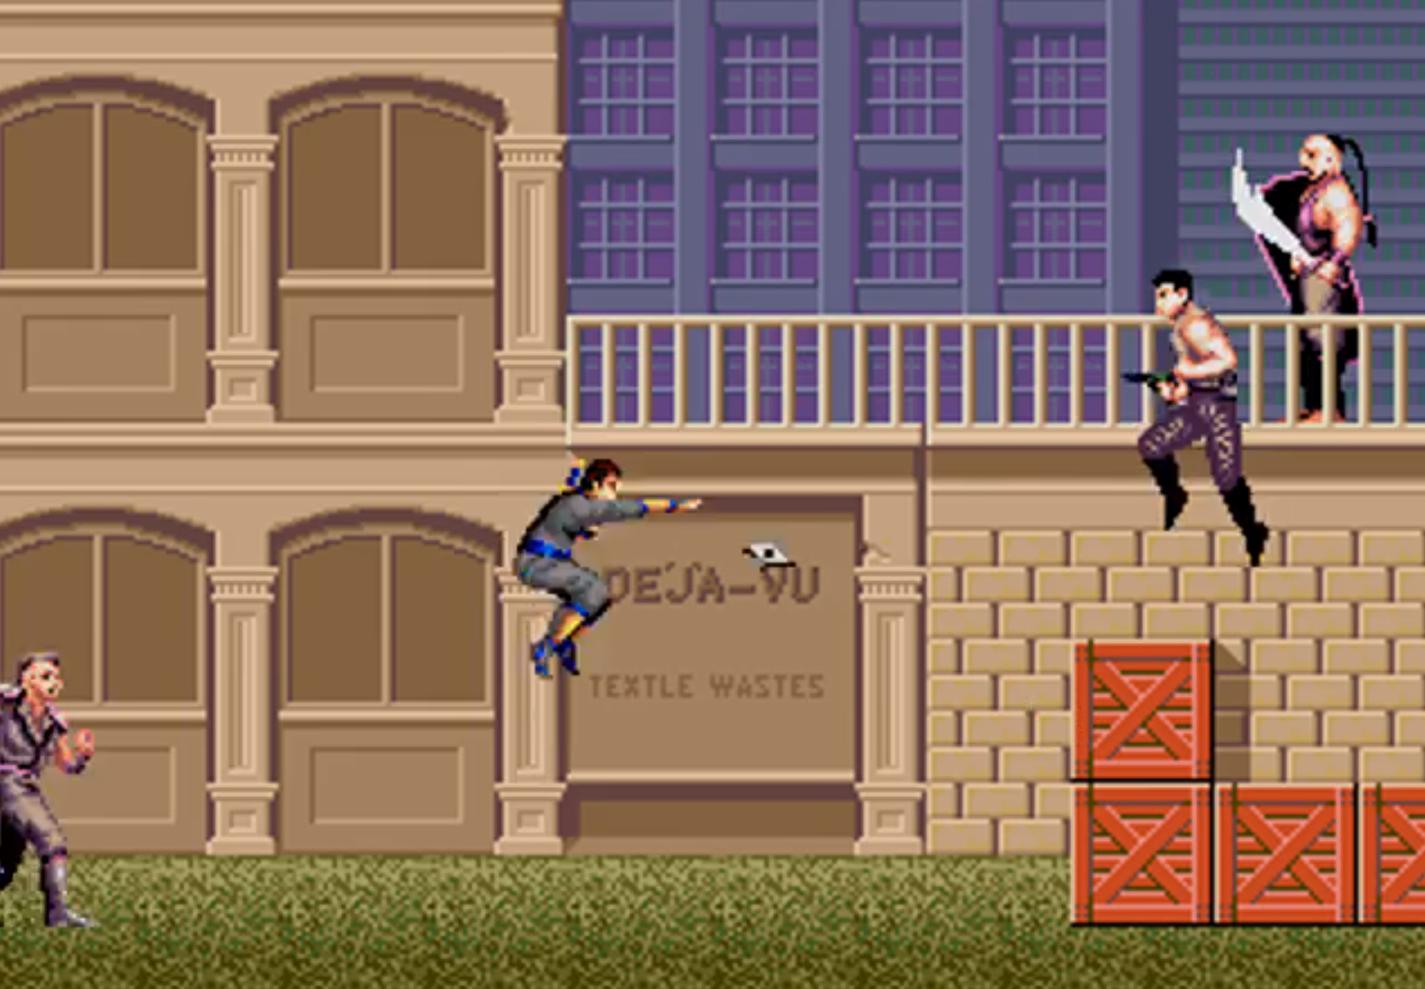 Sega Genesis Shinobi Arcade Port Gets Downloadable DEMO ROM